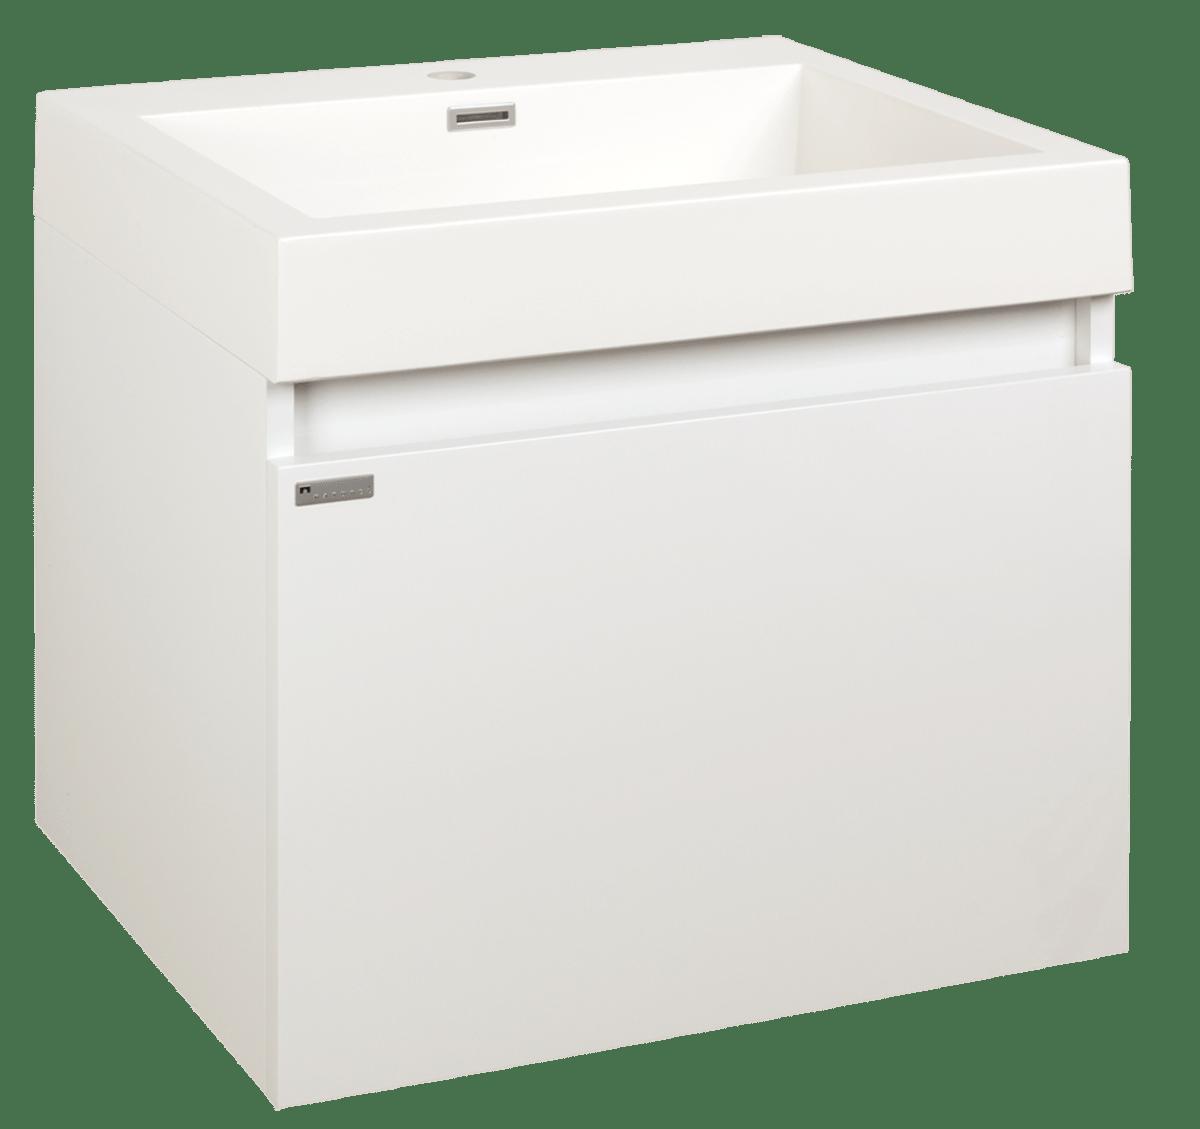 Kúpeľňová skrinka s umývadlom Naturel Verona 60x48 cm biela VERONA60WH